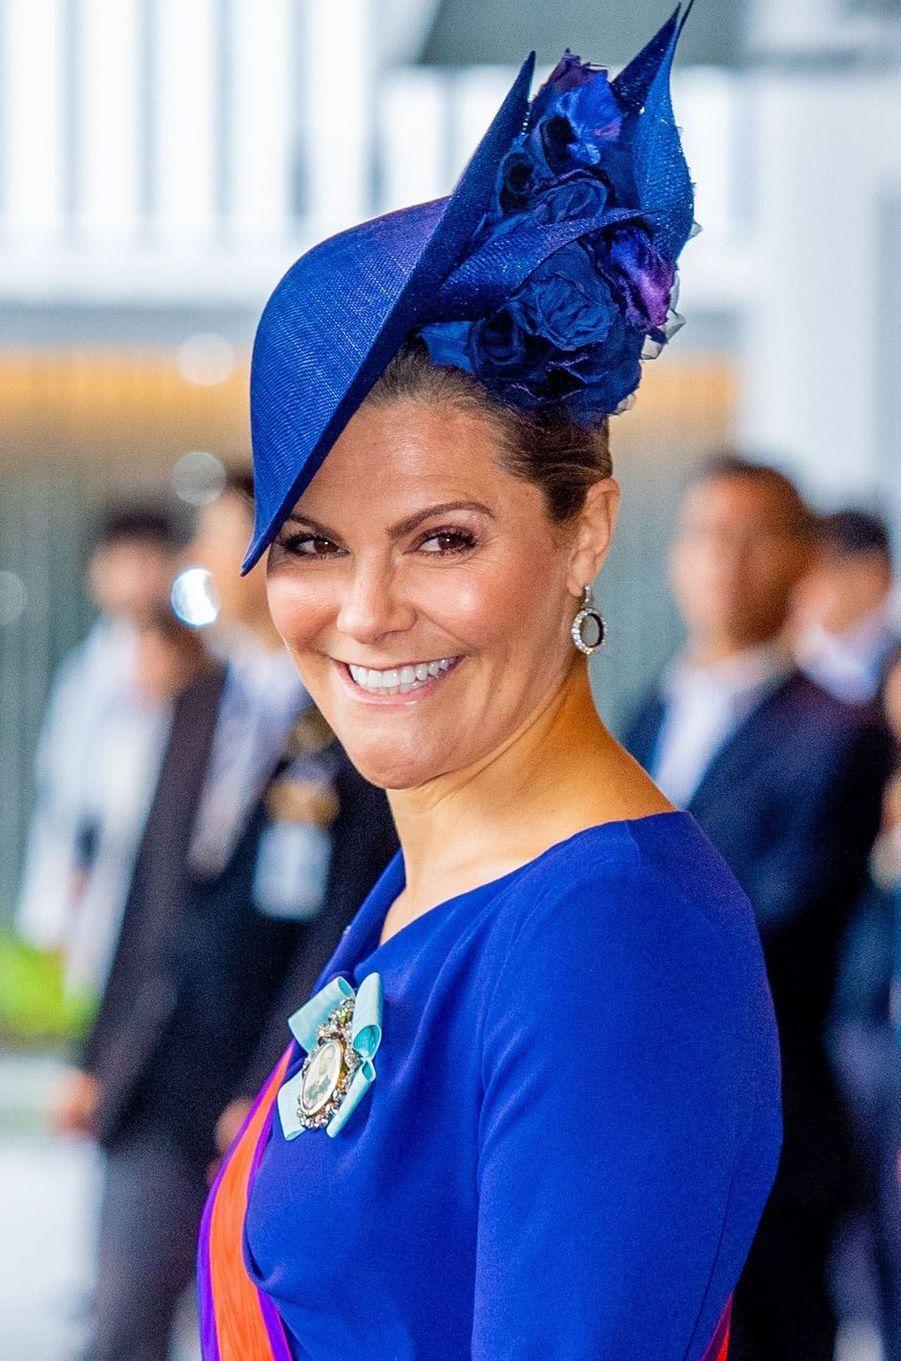 La princesse héritière Victoria de Suède à Tokyo, le 22 octobre 2019